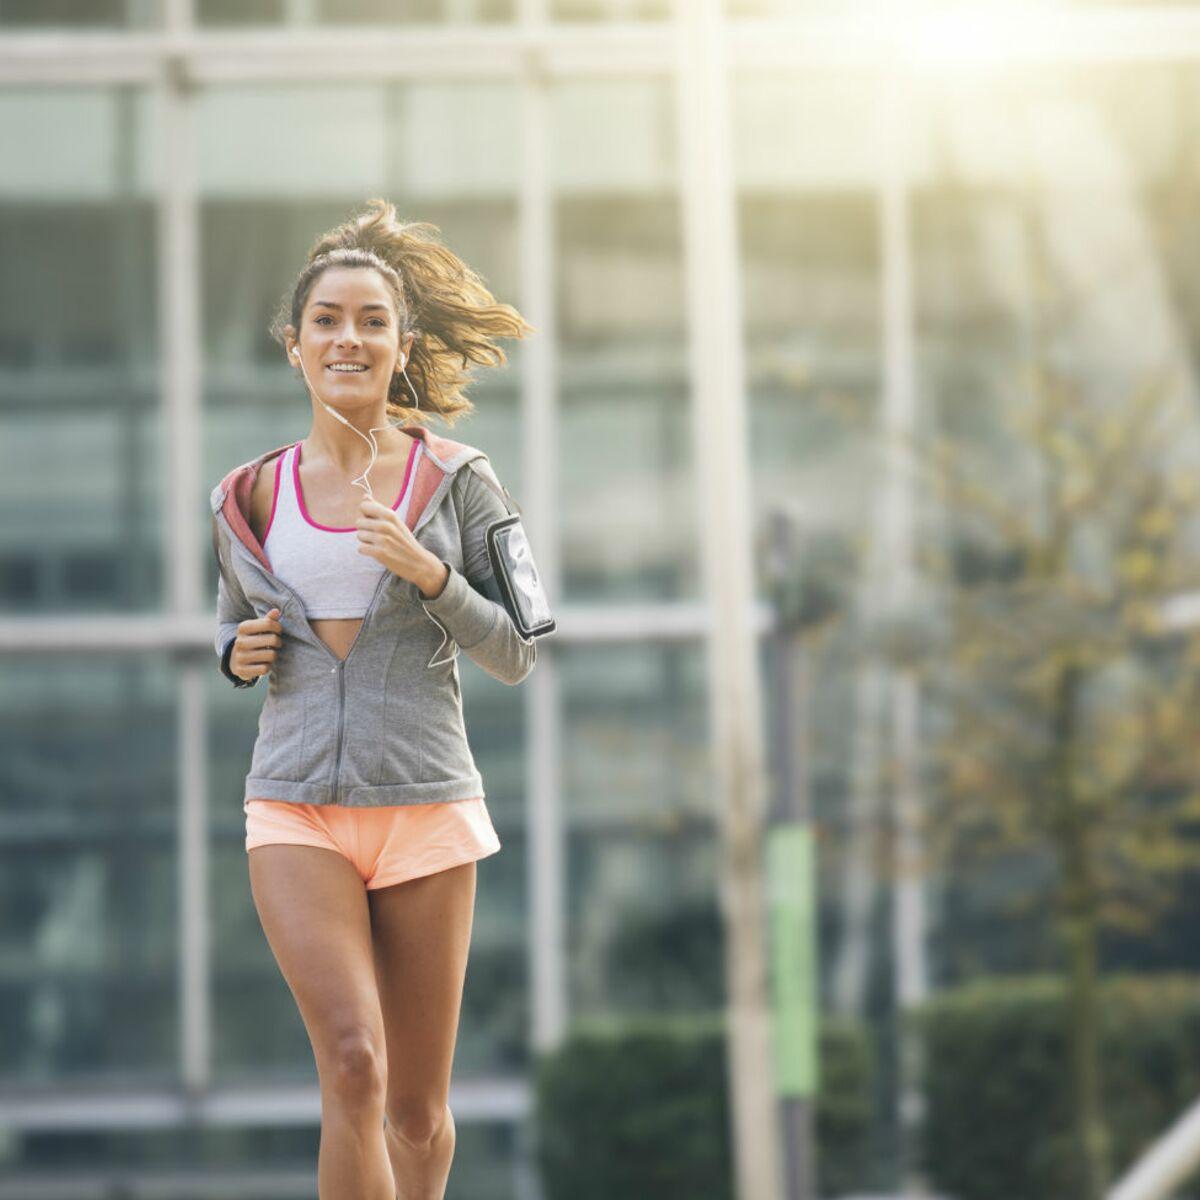 les accolades aideront-elles à perdre du poids sac de charme de perte de poids